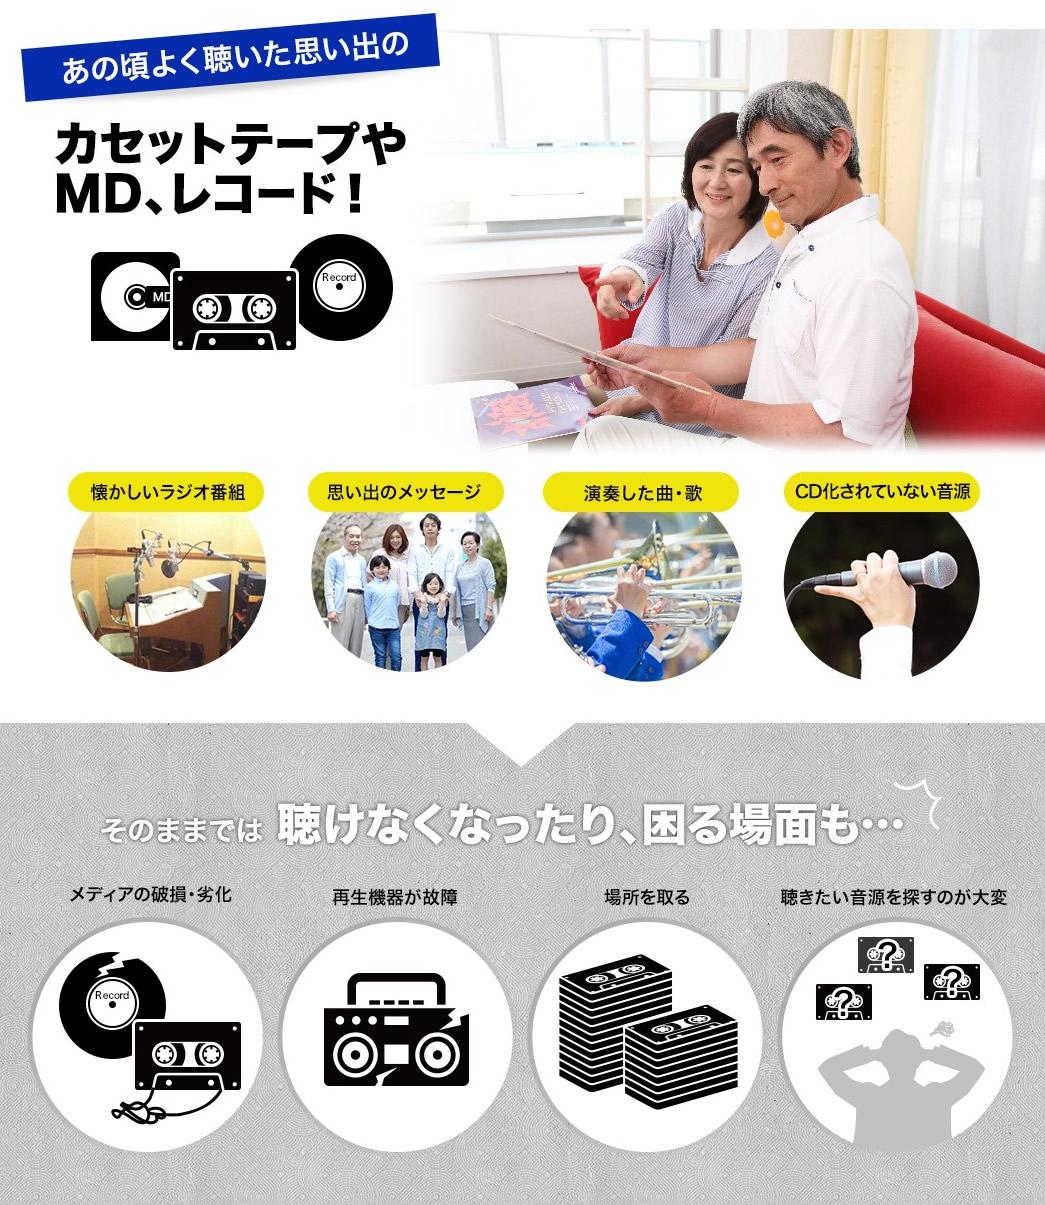 接続方法 RCA端子・3.5mmステレオミニ Windows専用